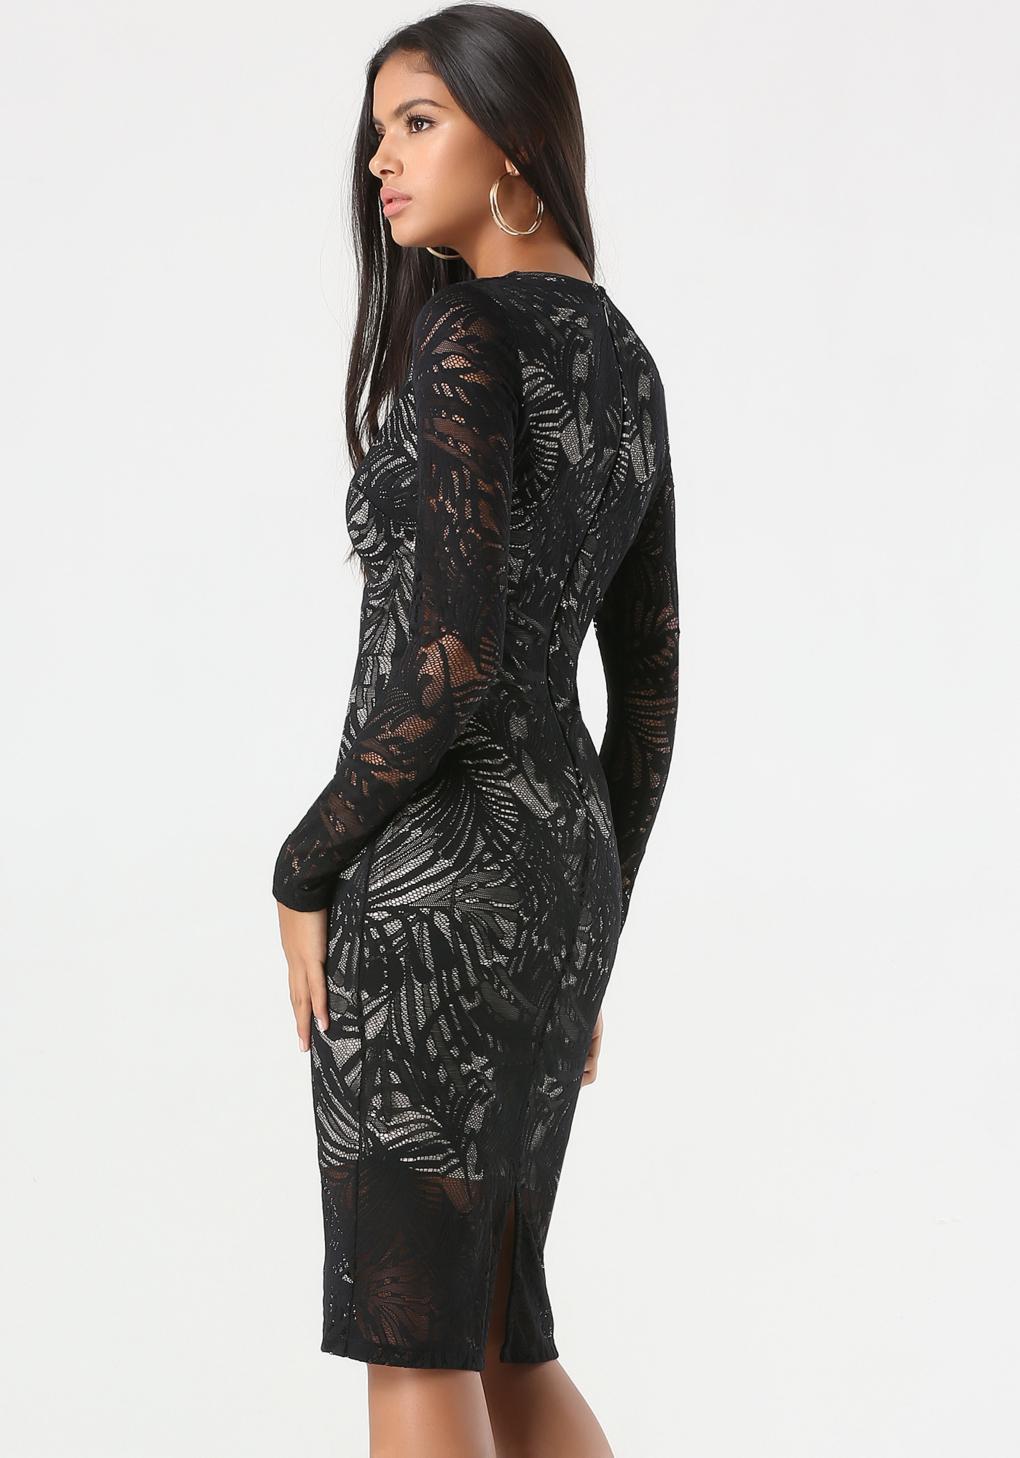 Lace plunge black dress